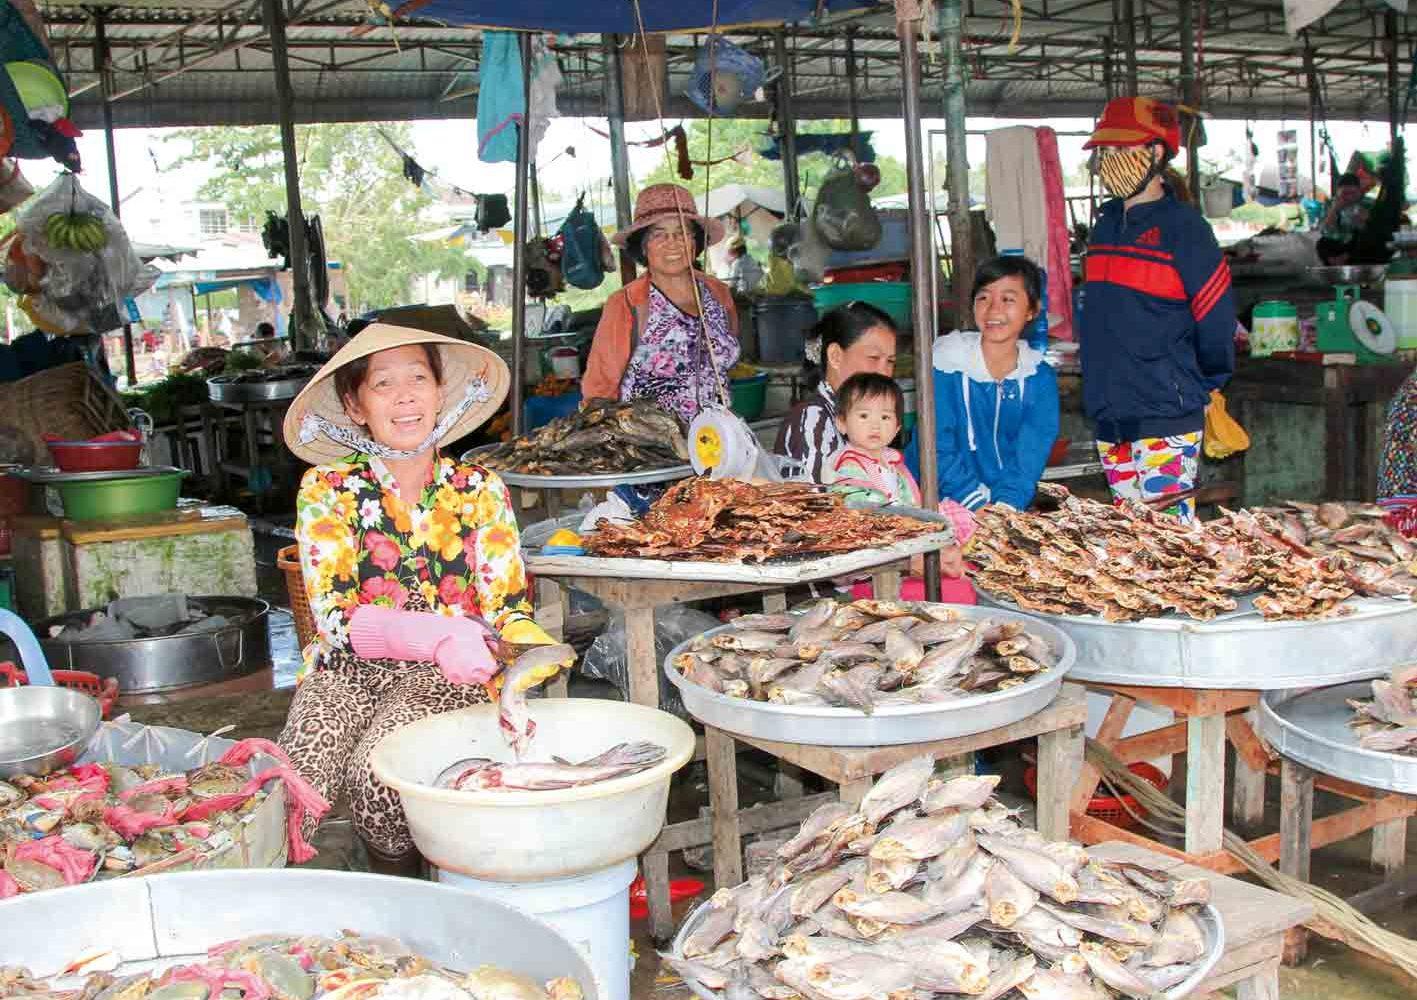 Fischmarkt in Vietnam